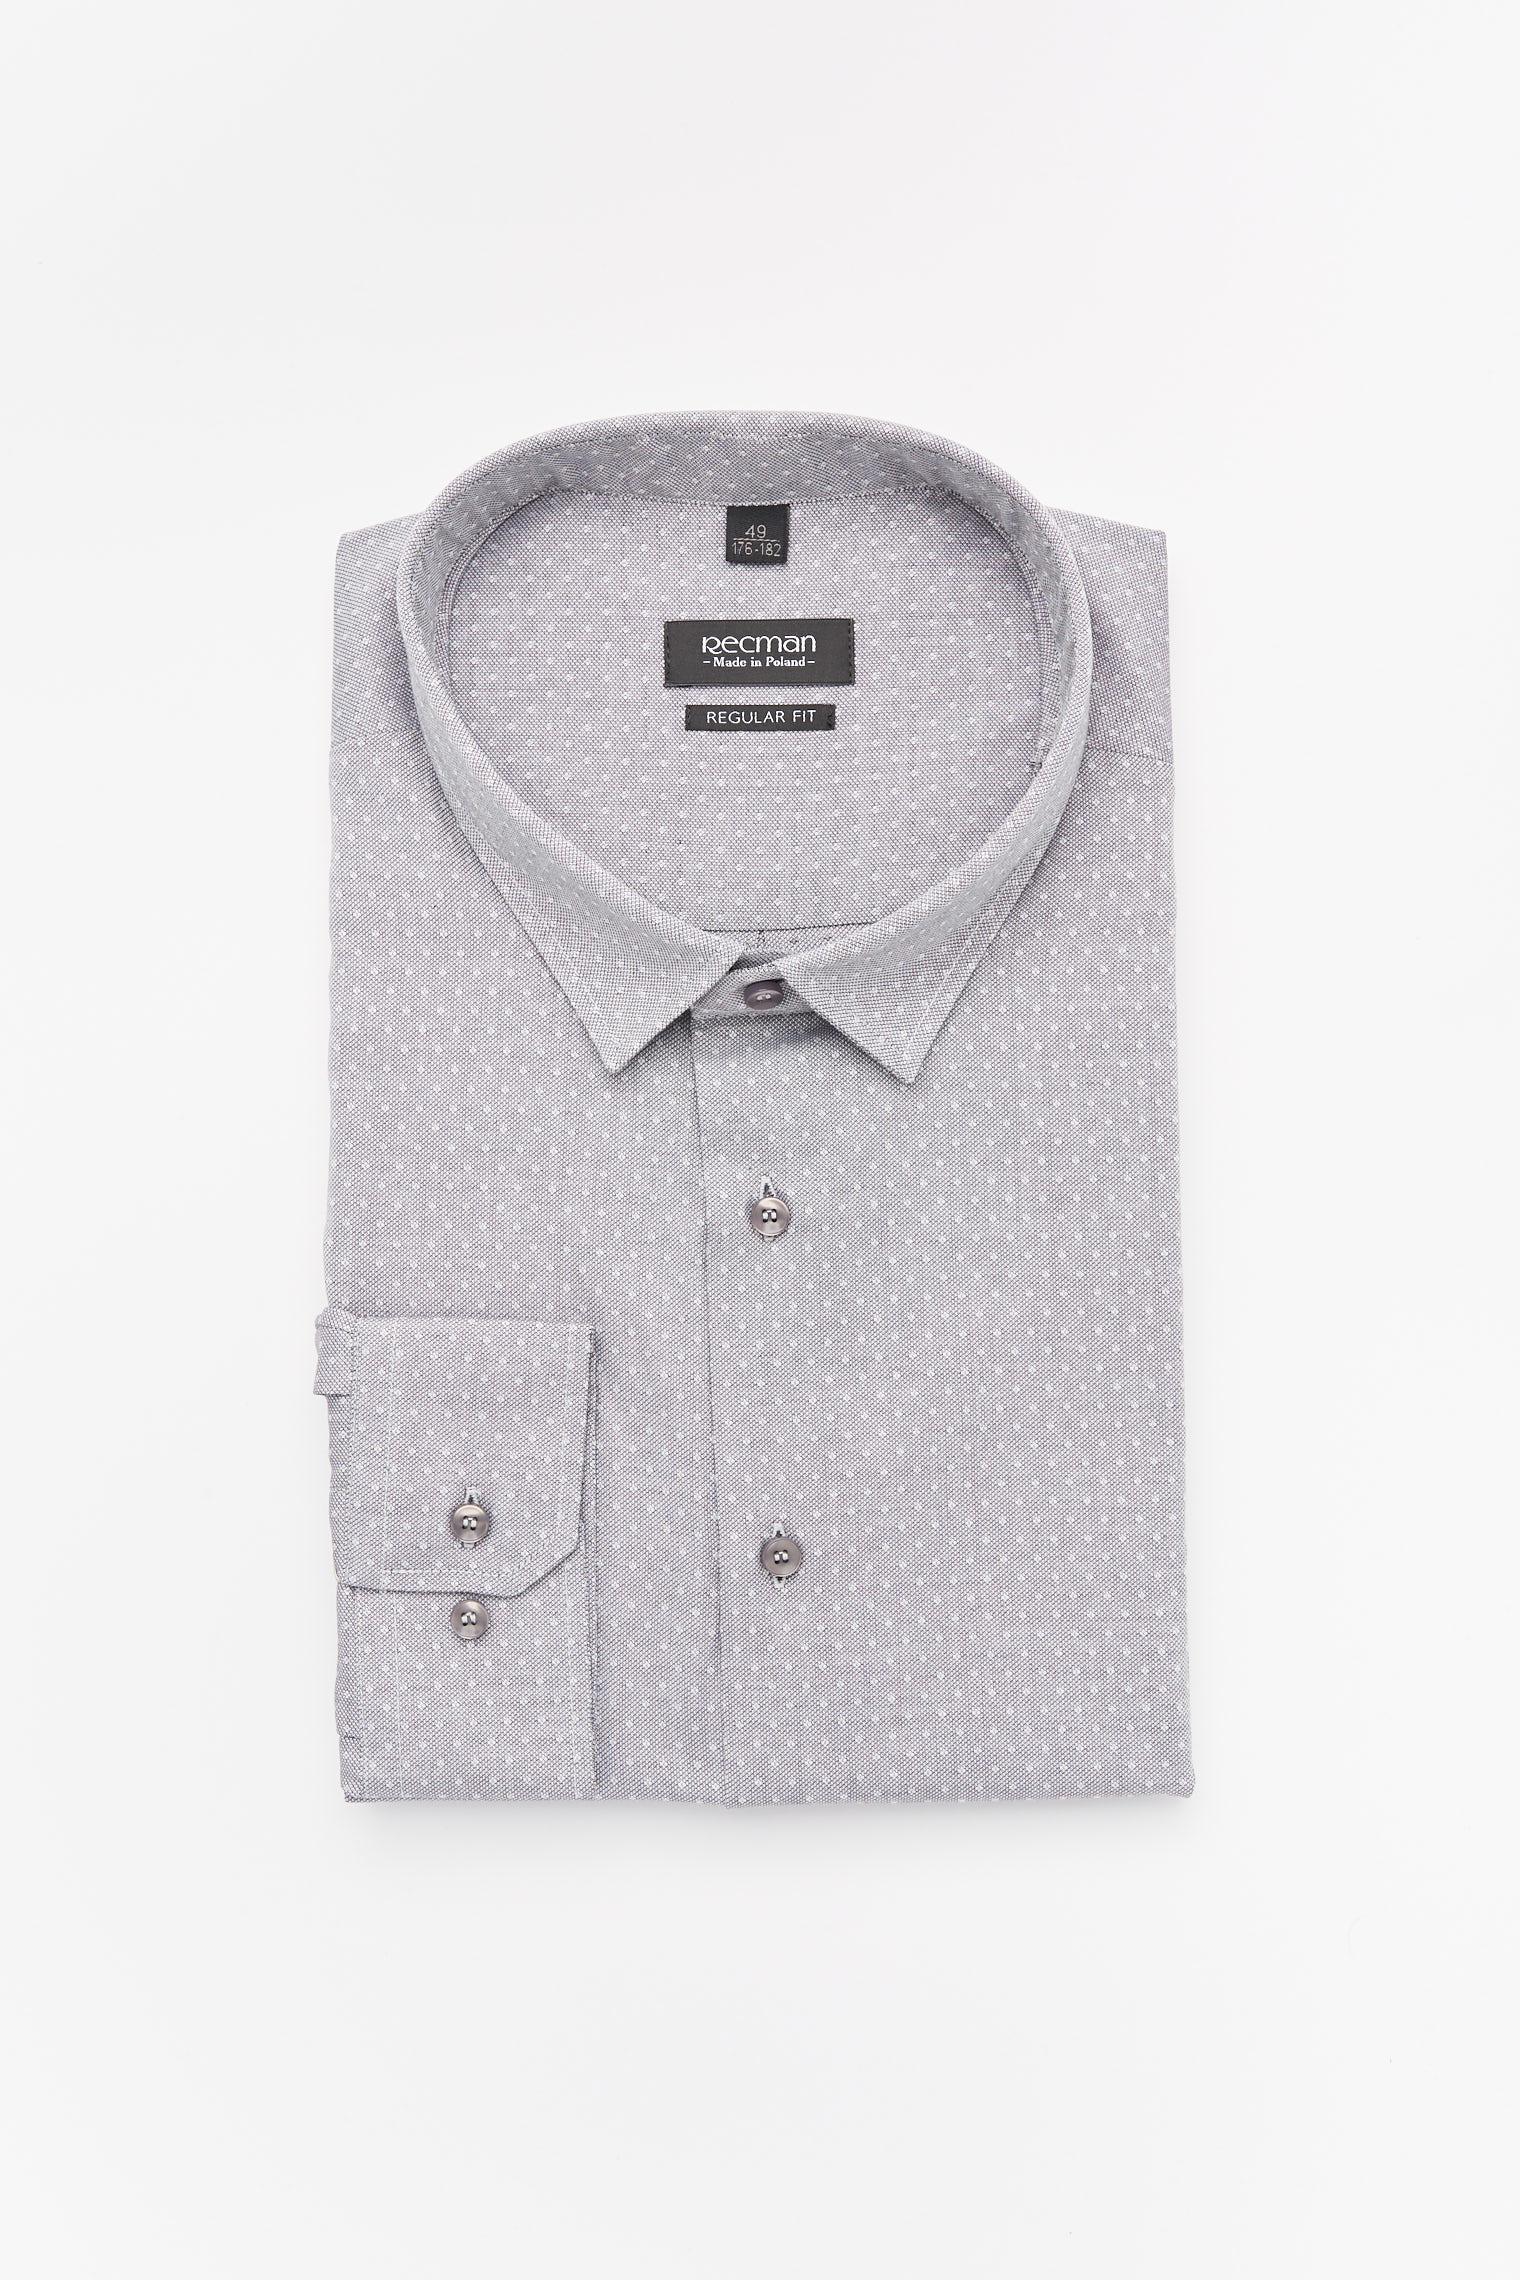 koszula versone 2237 długi rękaw custom fit szary